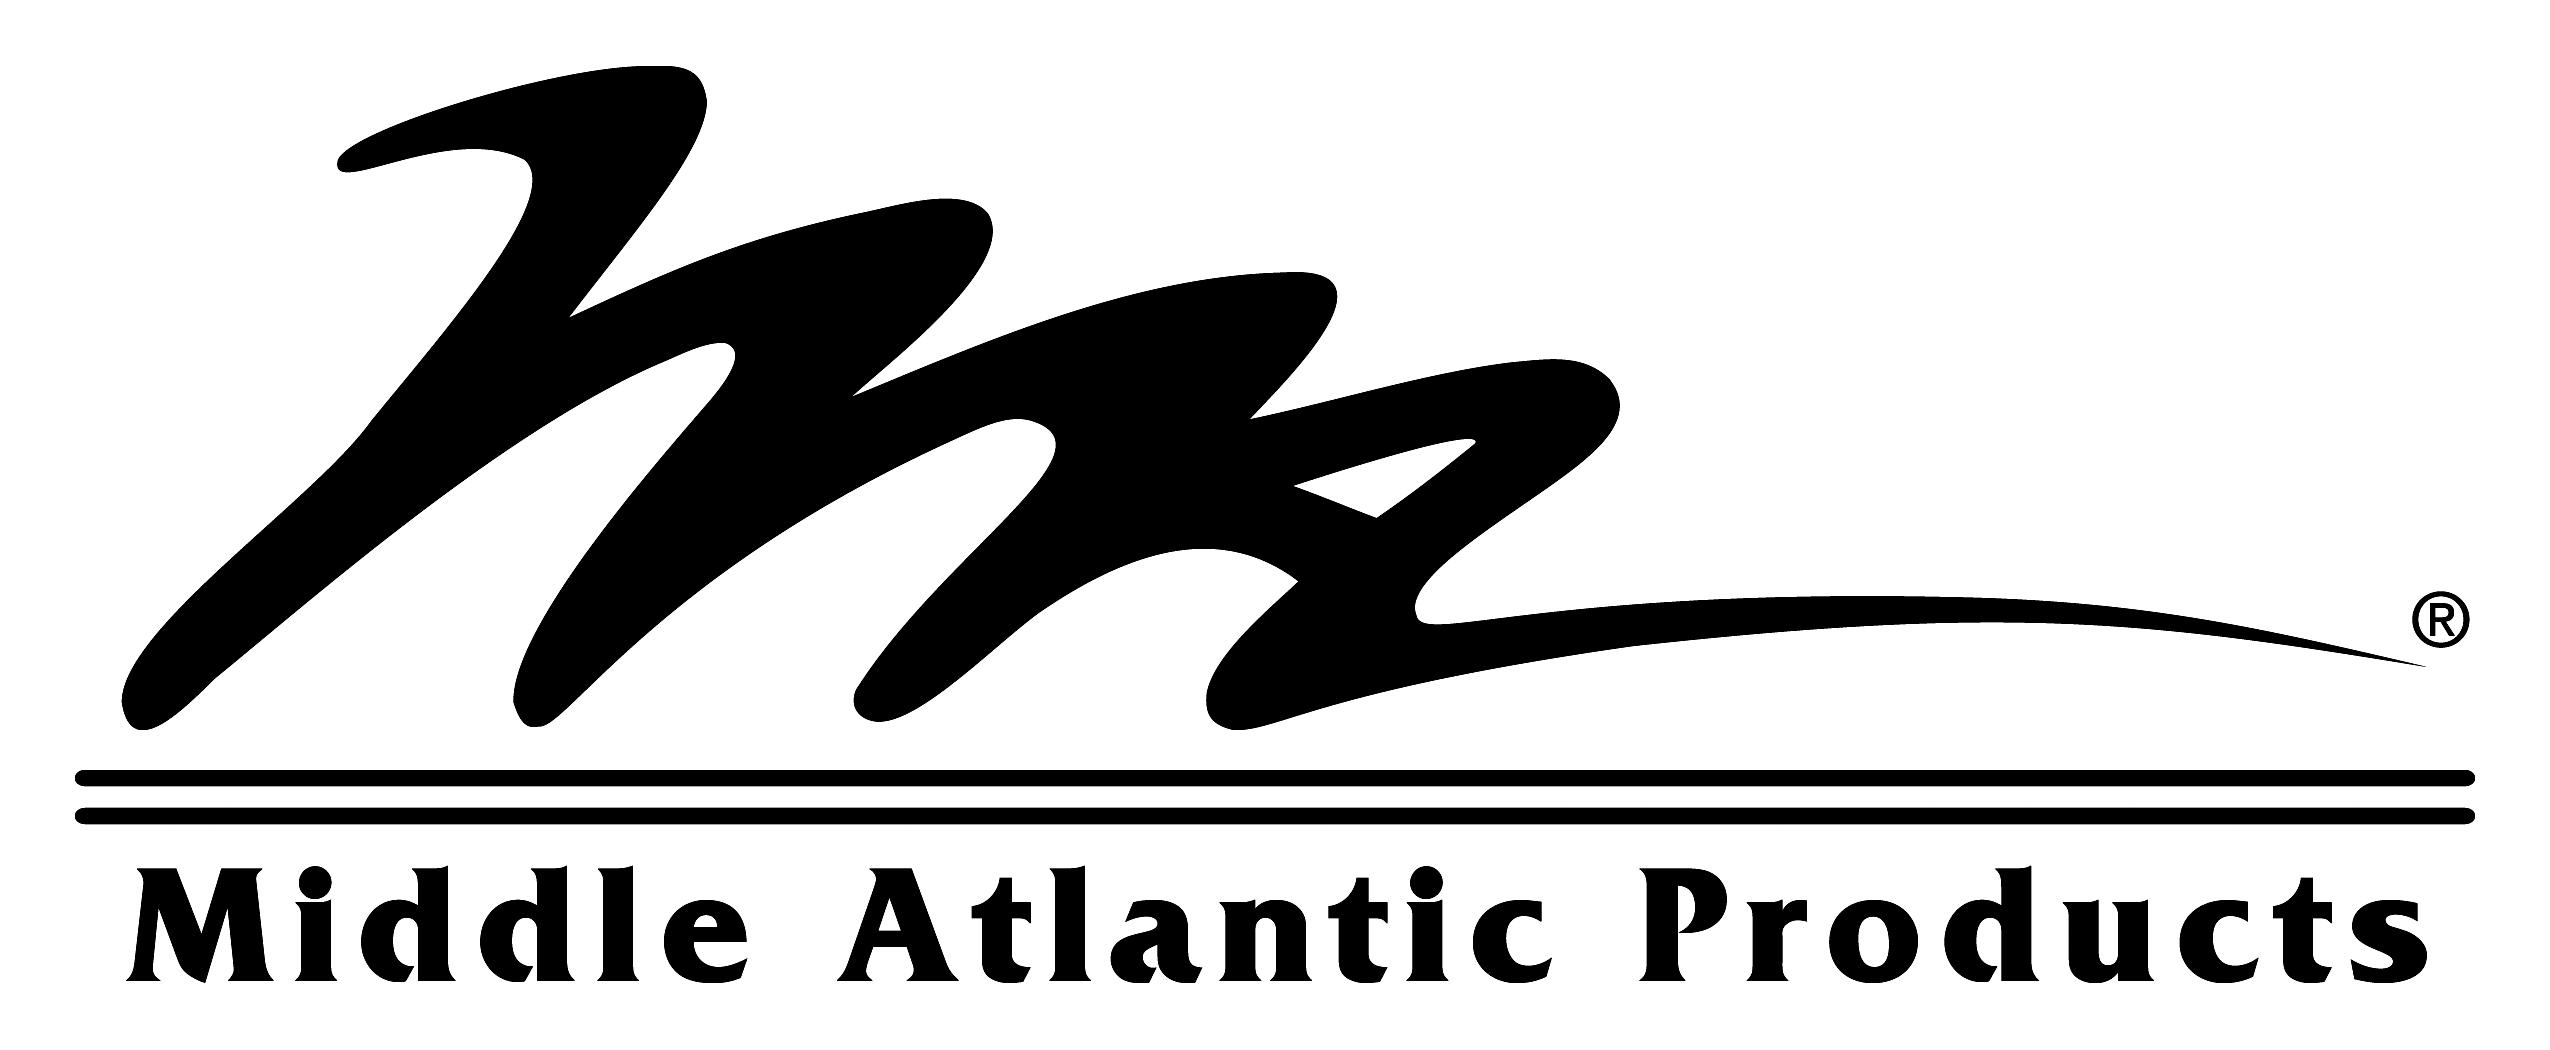 https://0201.nccdn.net/1_2/000/000/159/4b8/Middle-Atlantic-Logo.jpg